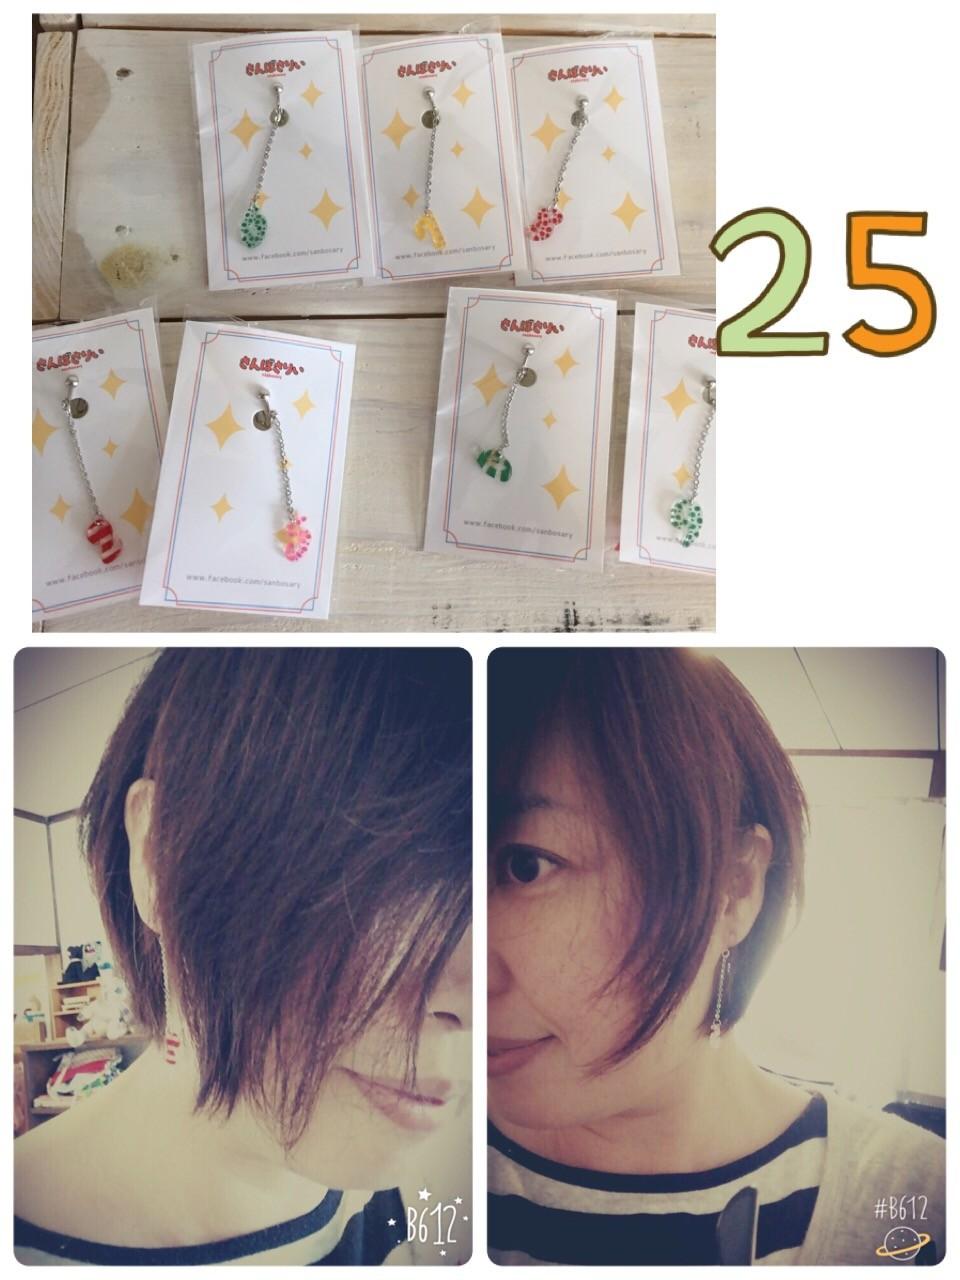 moblog_476ef2c2.jpg